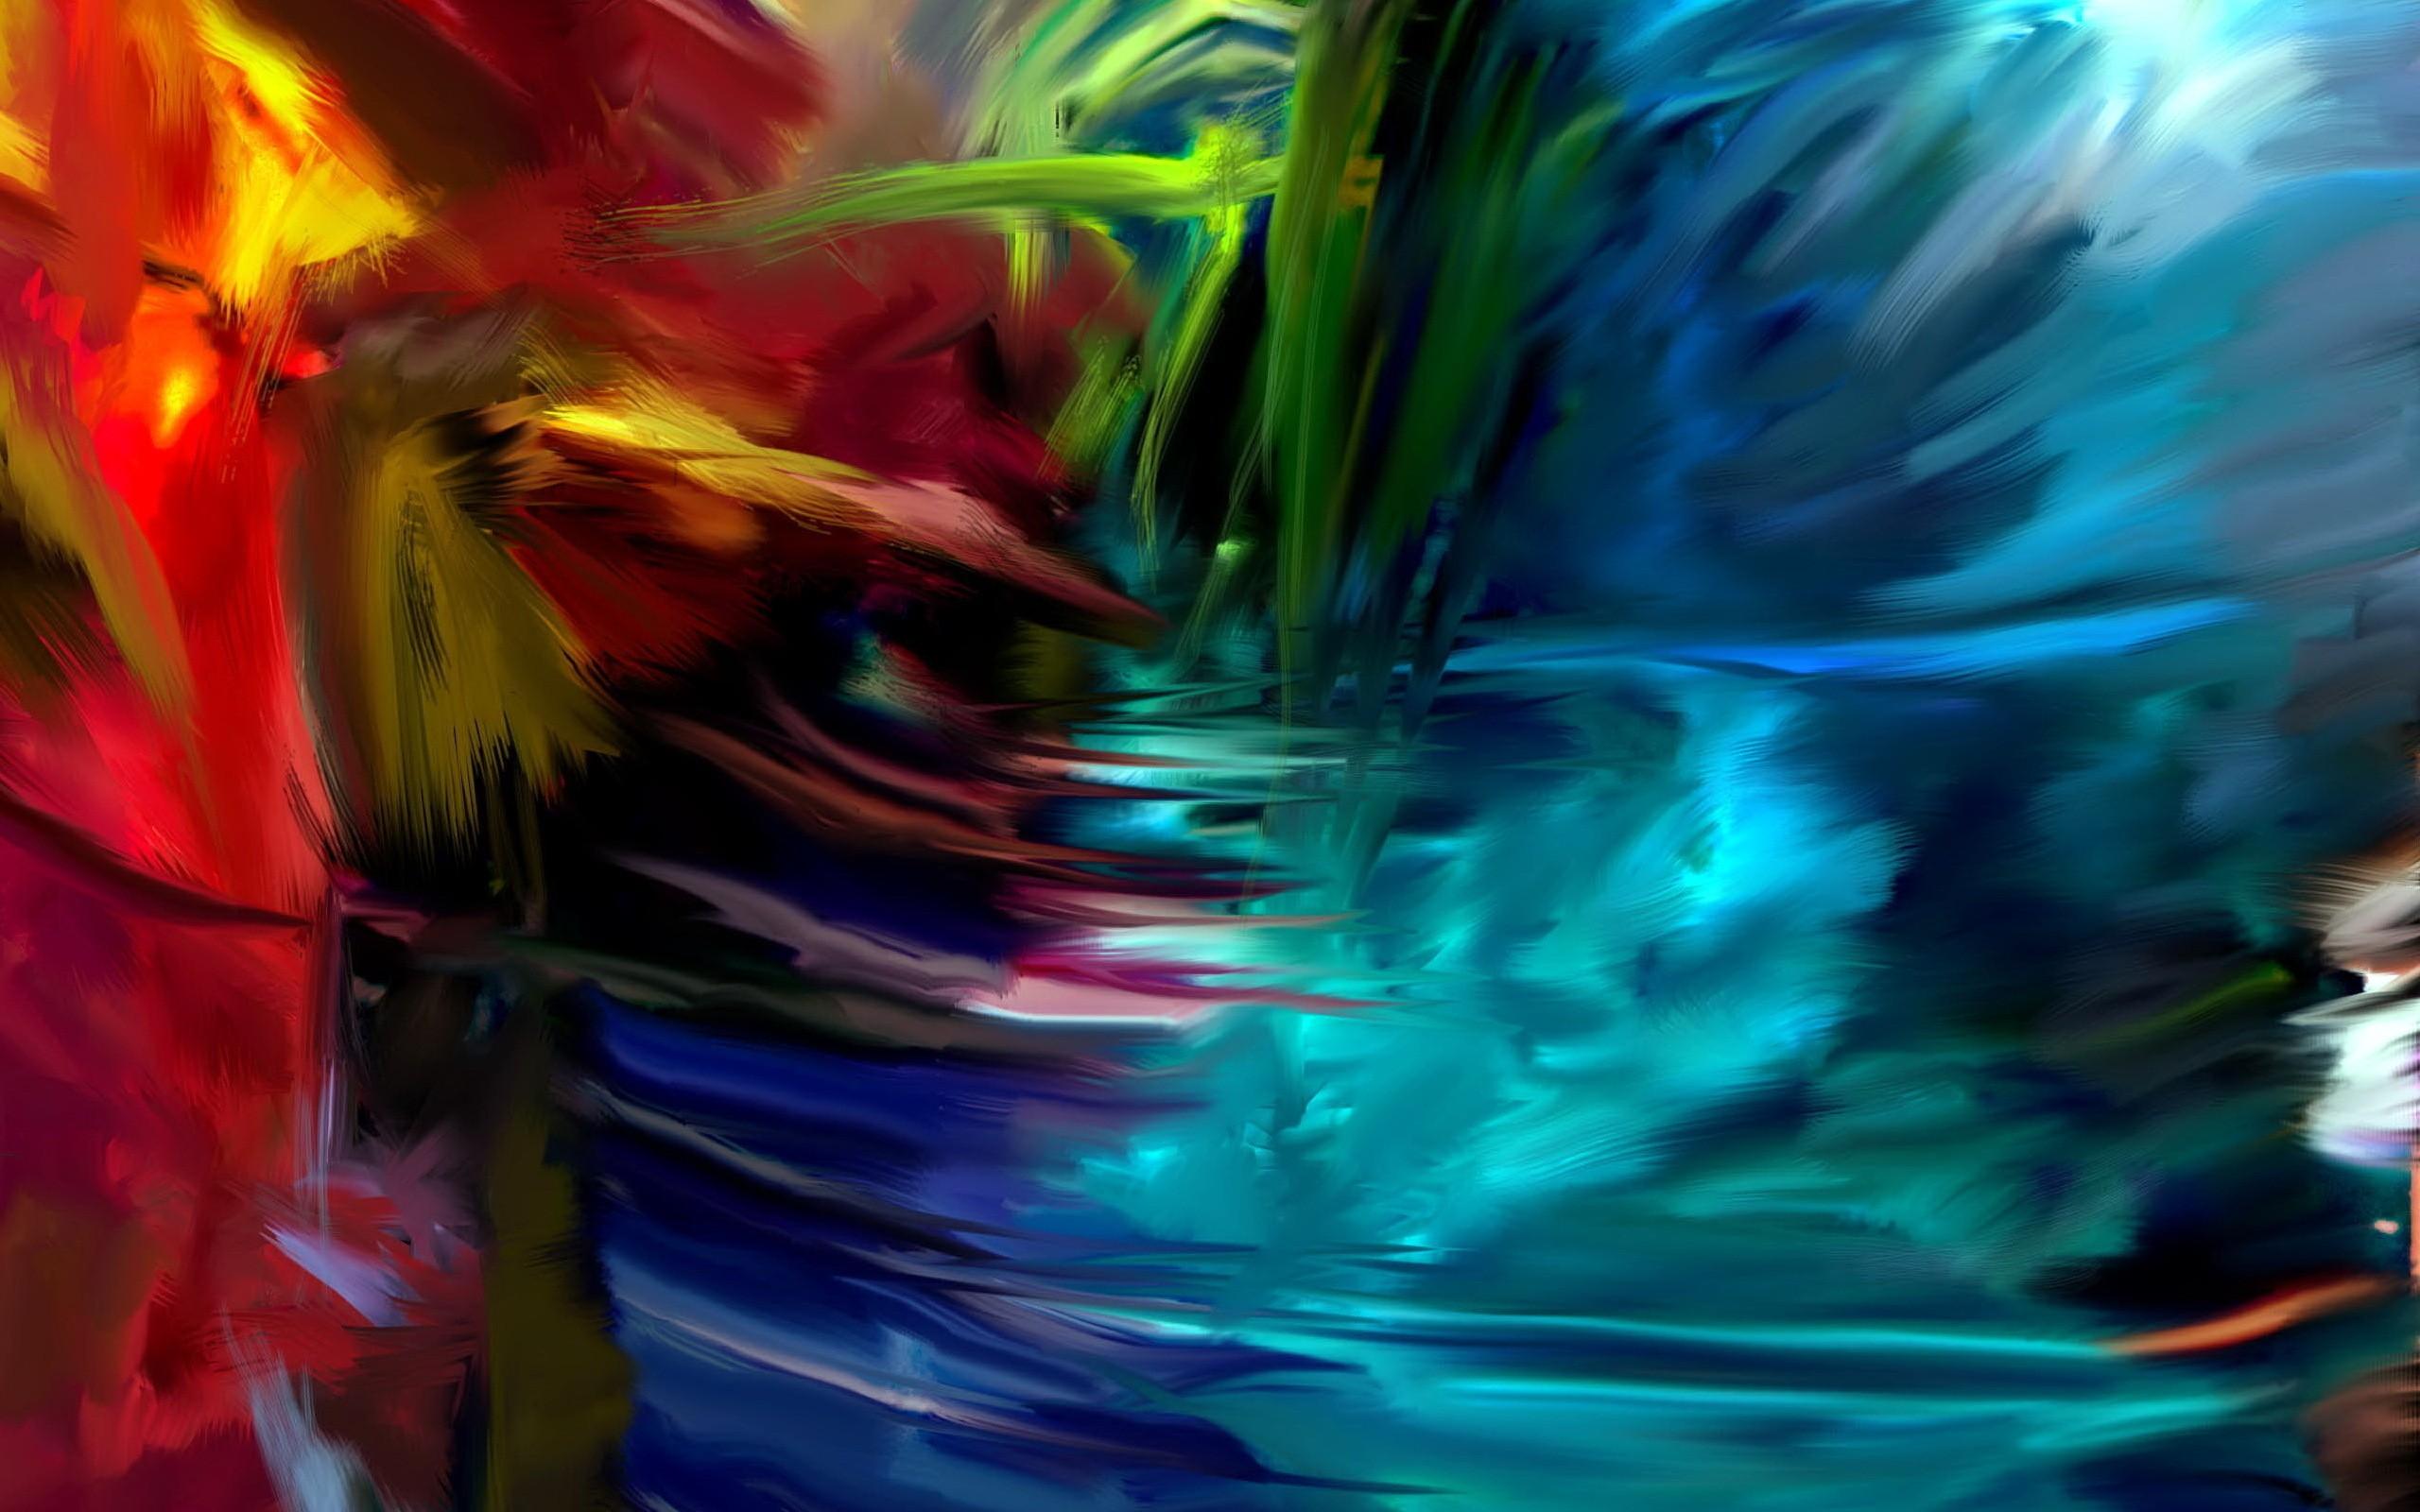 Cuadro de combinacion de colores 804388 el arte de jercy for Pinturas bruguer colores